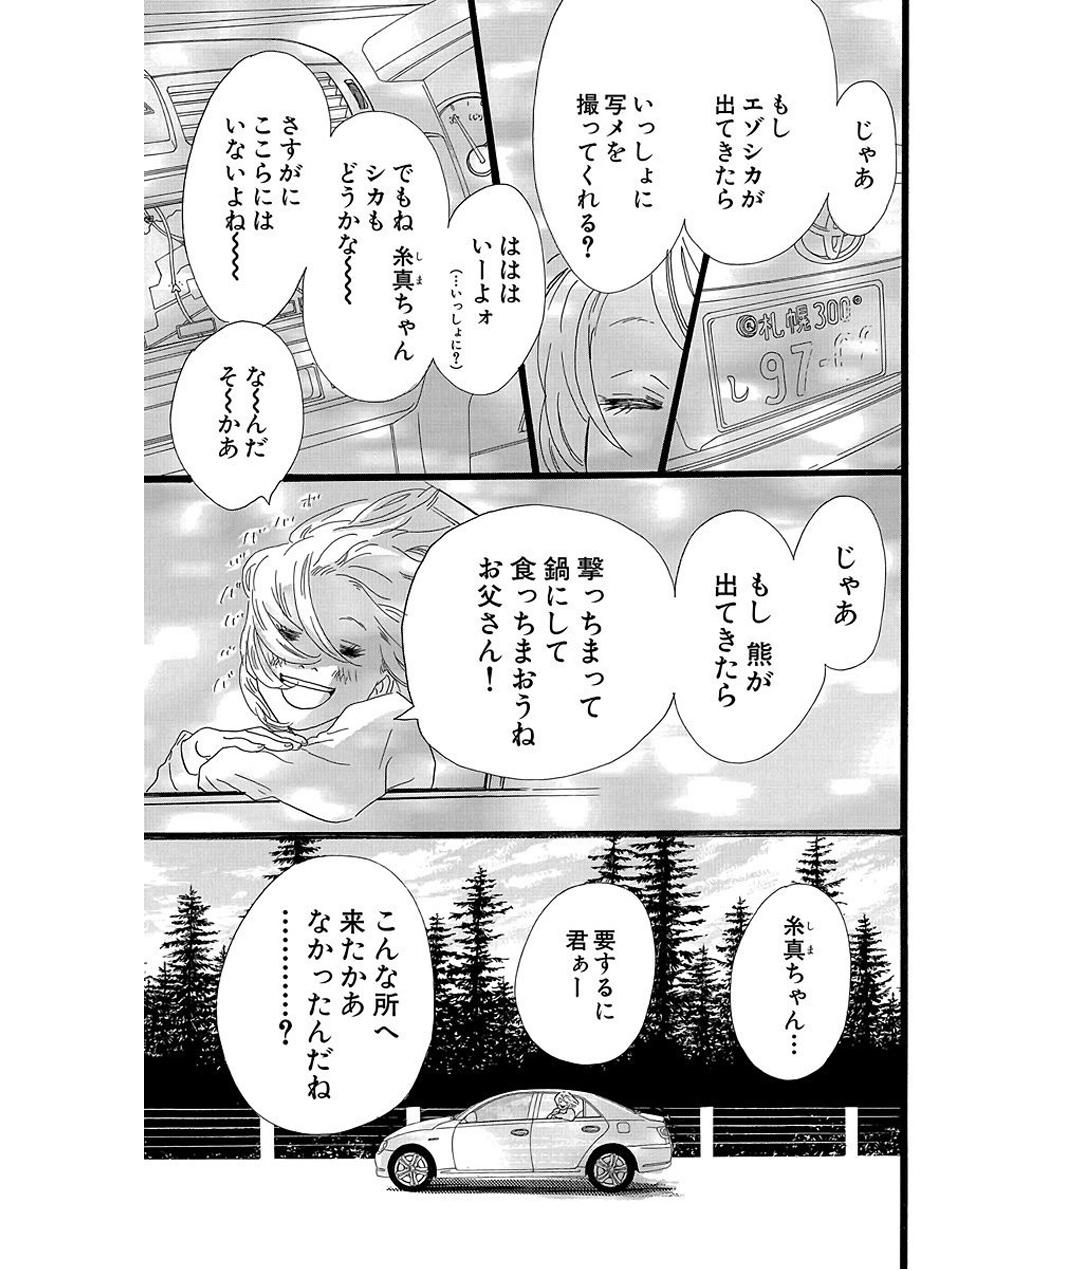 プリンシパル 第1話 試し読み_1_1-9